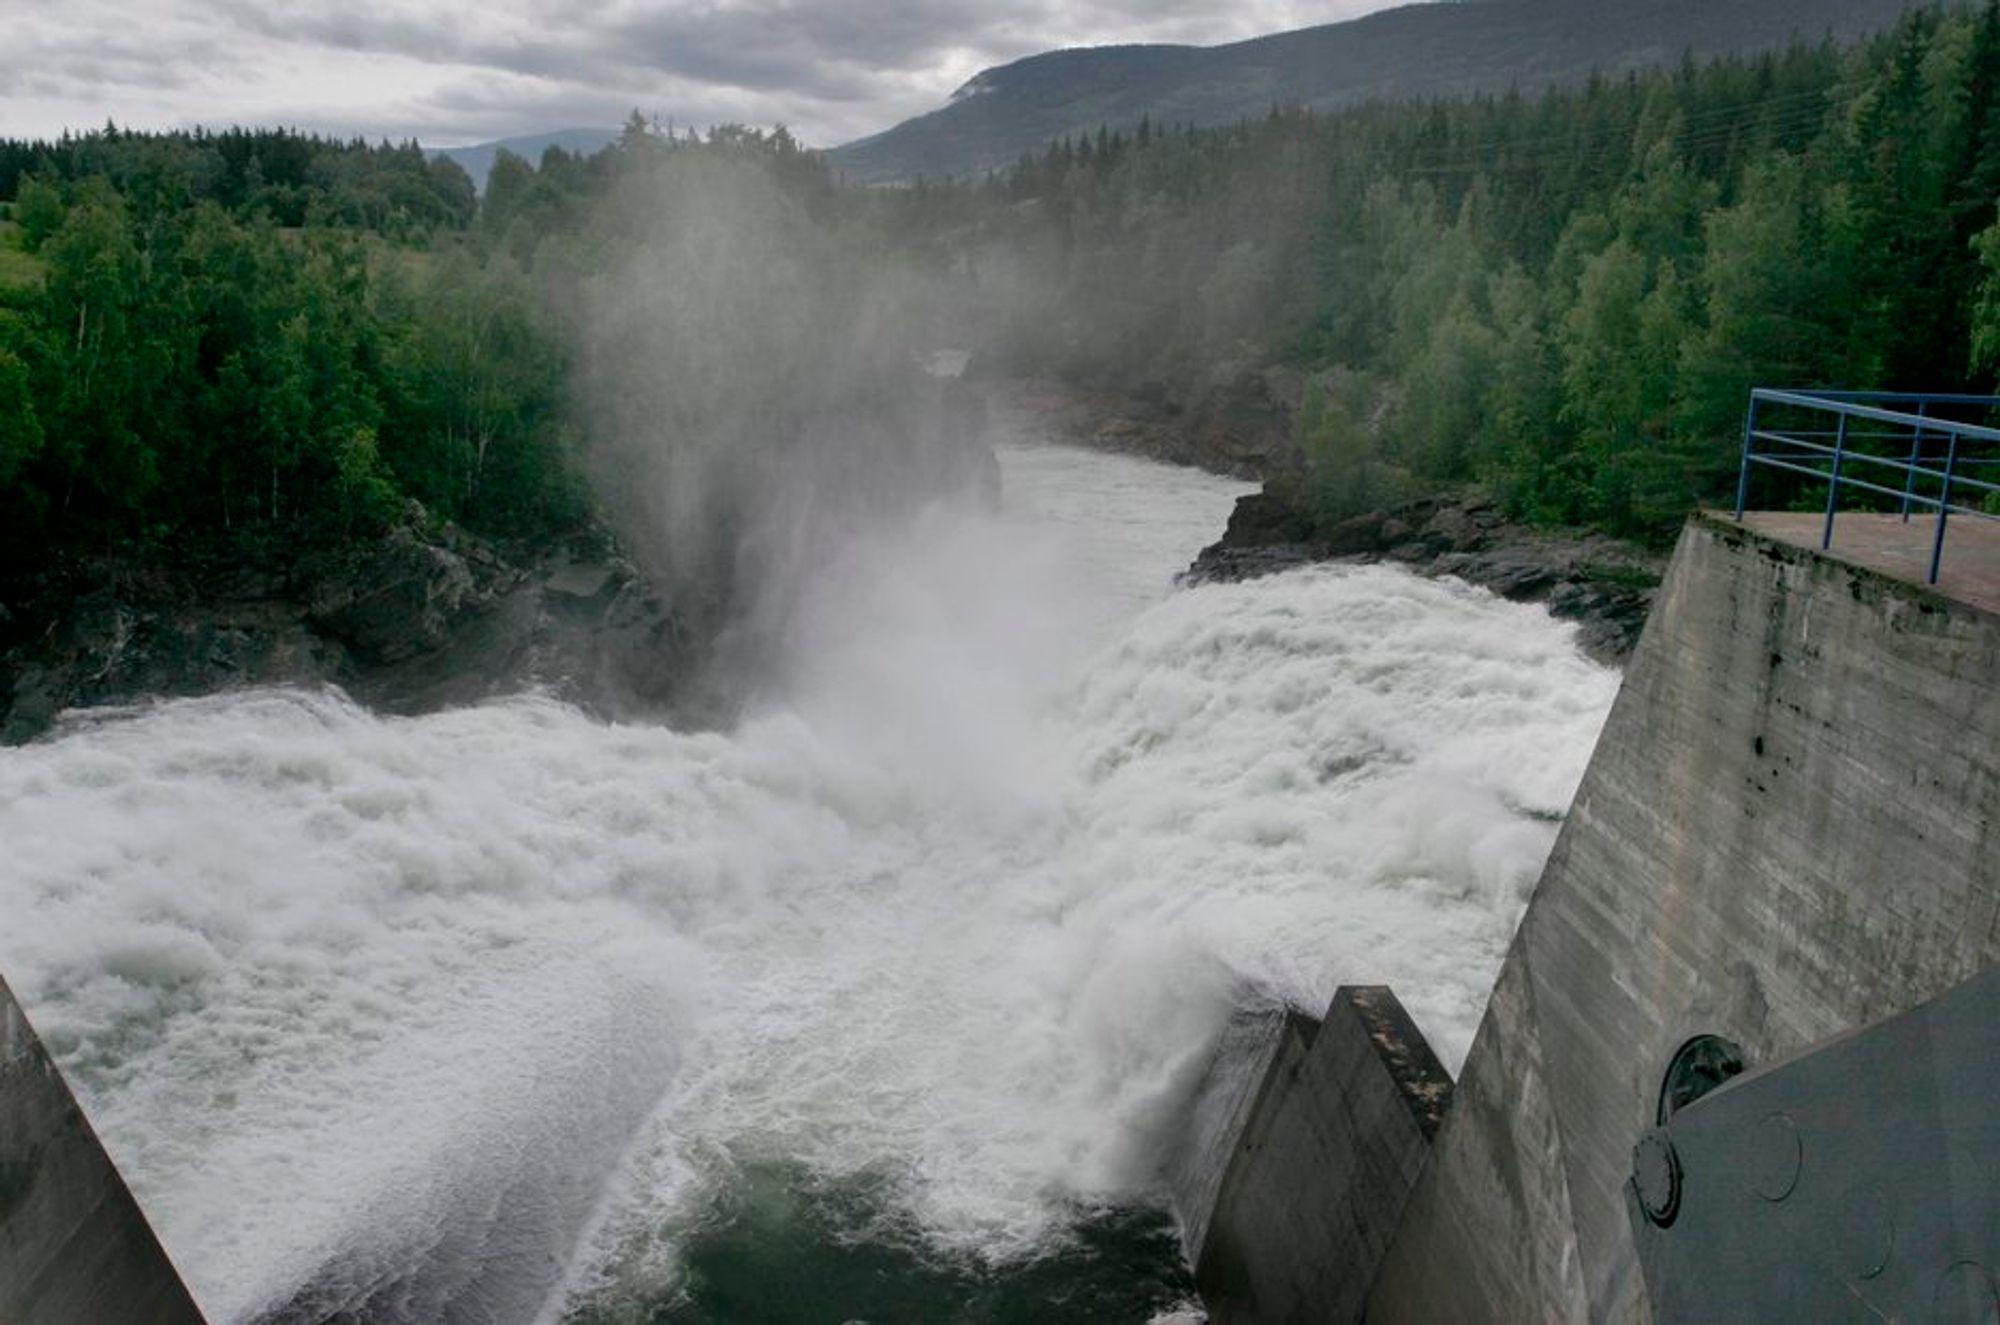 GODE HENSIKTER: Nordmenn sier de vil betale mer for ren kraft, men svært få gjør det i praksis.